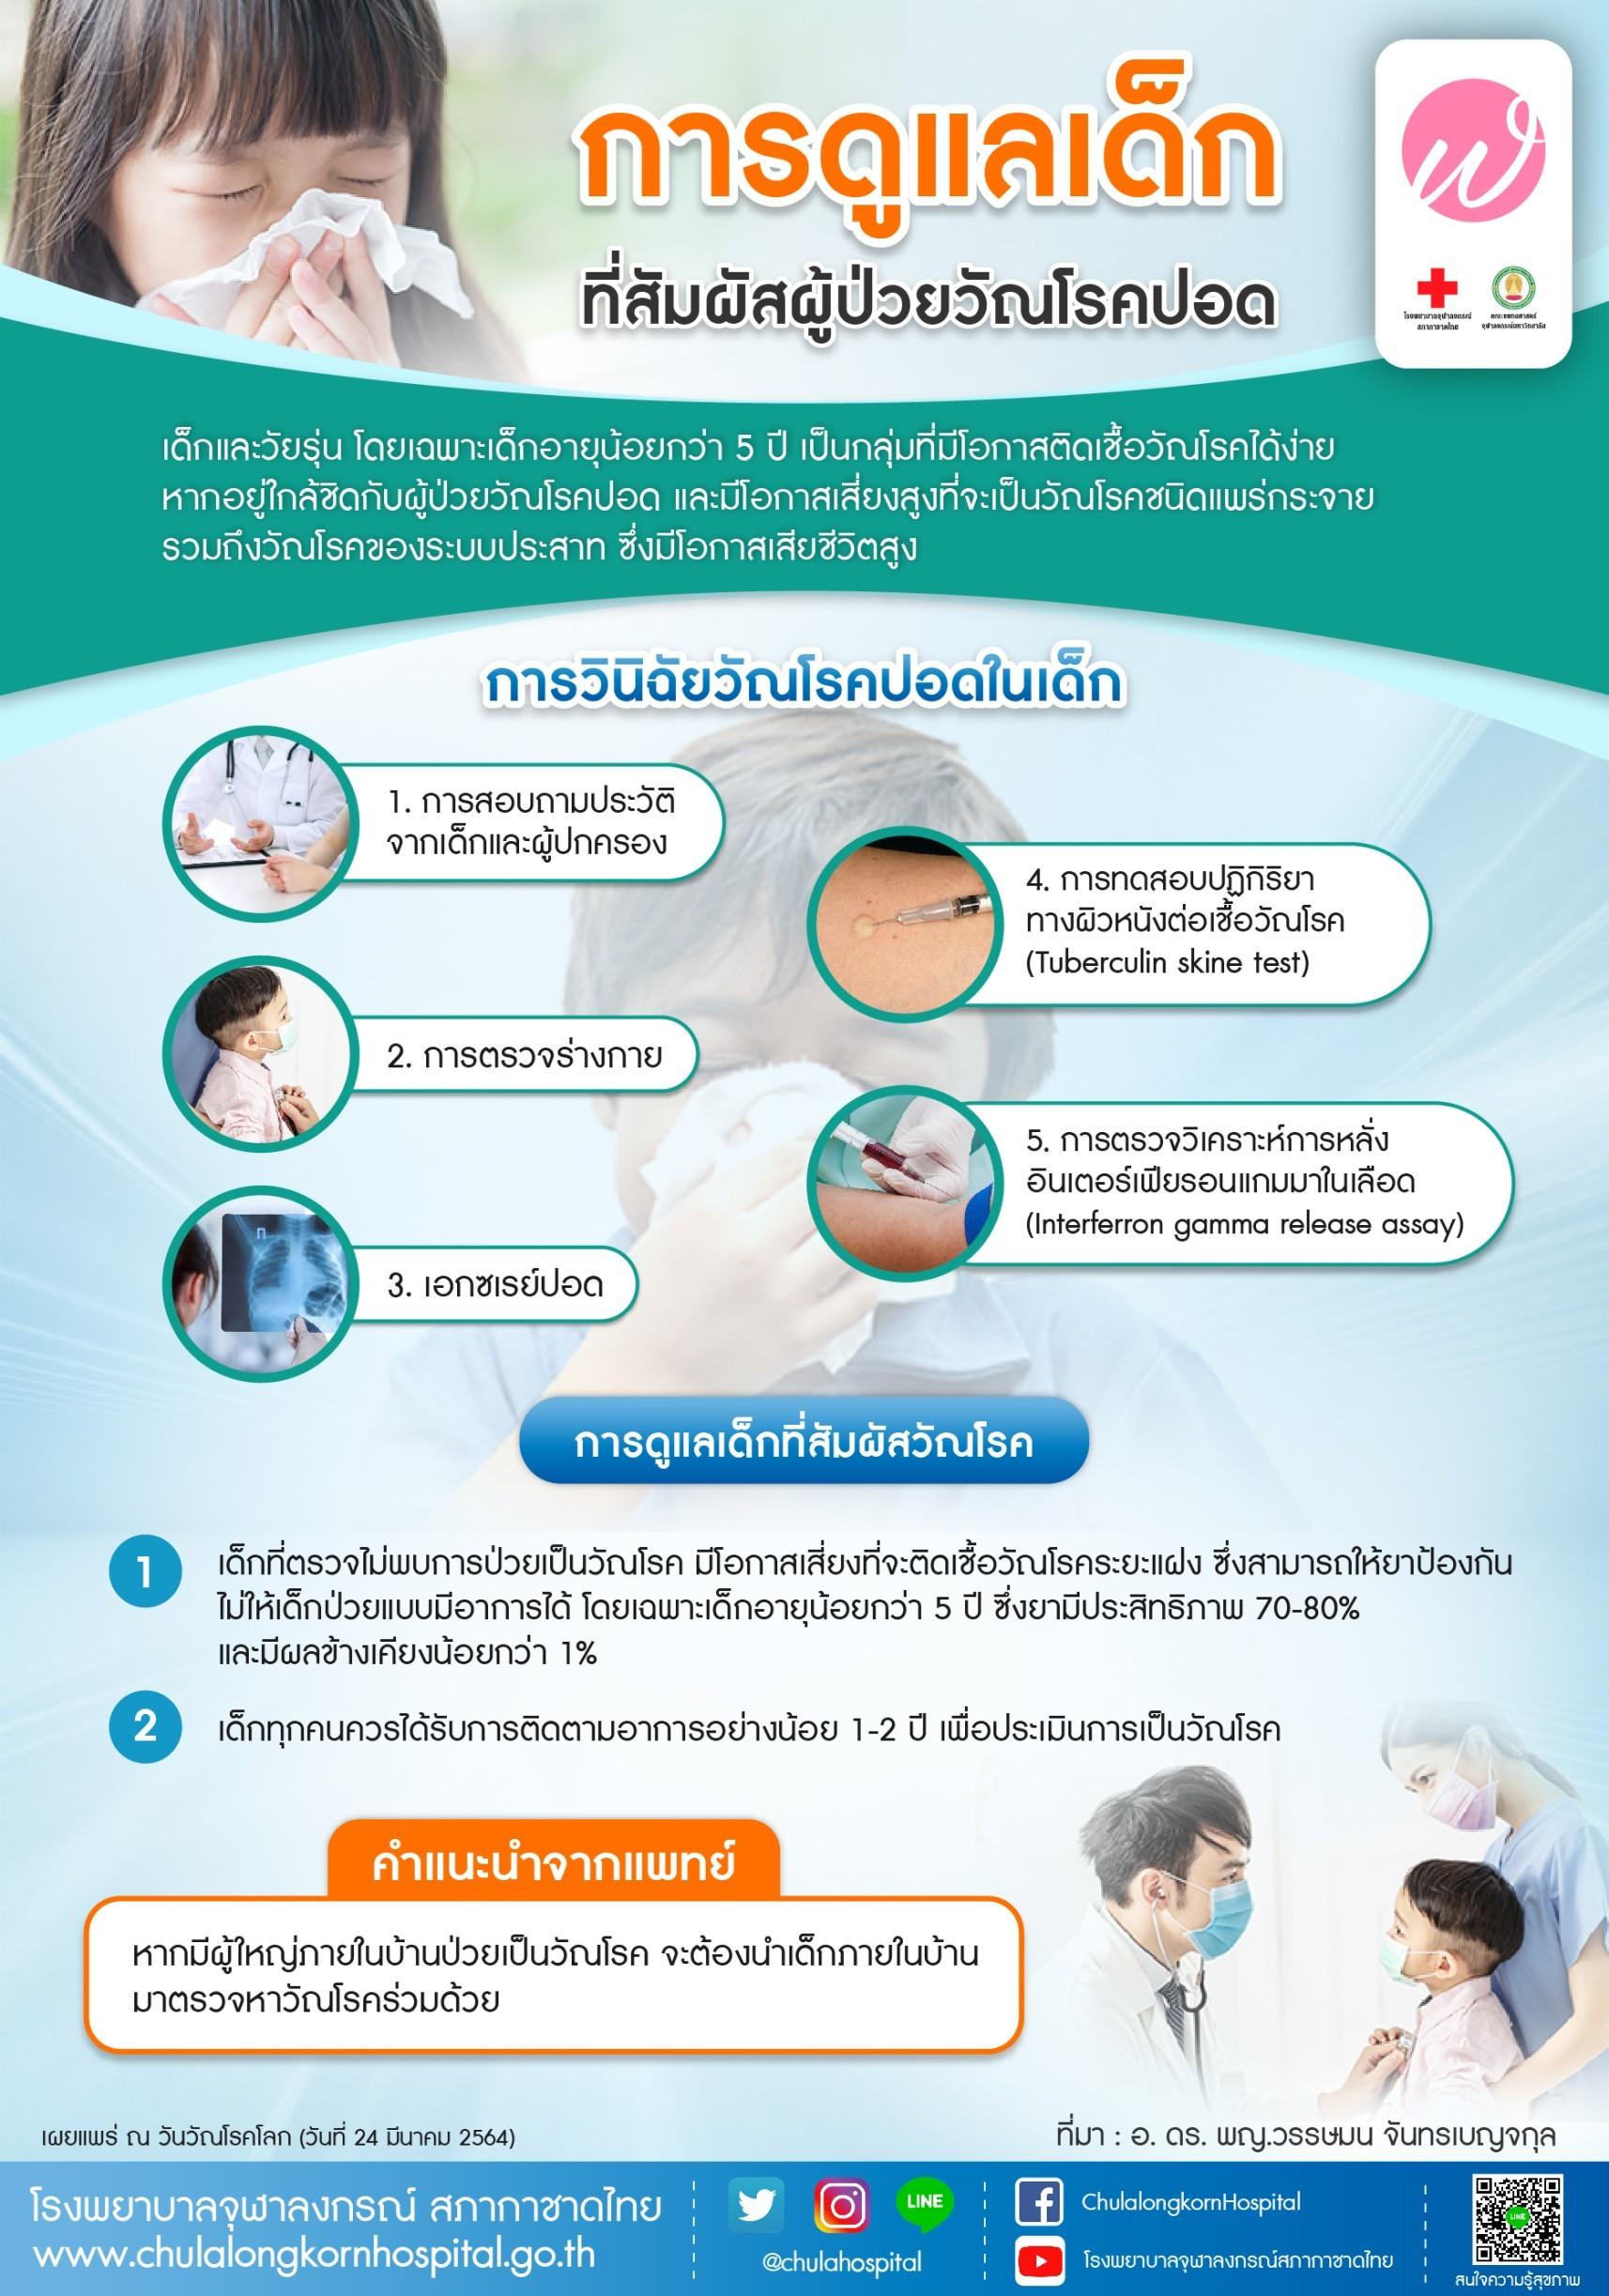 การดูแลเด็กที่สัมผัสผู้ป่วยวัณโรคปอด